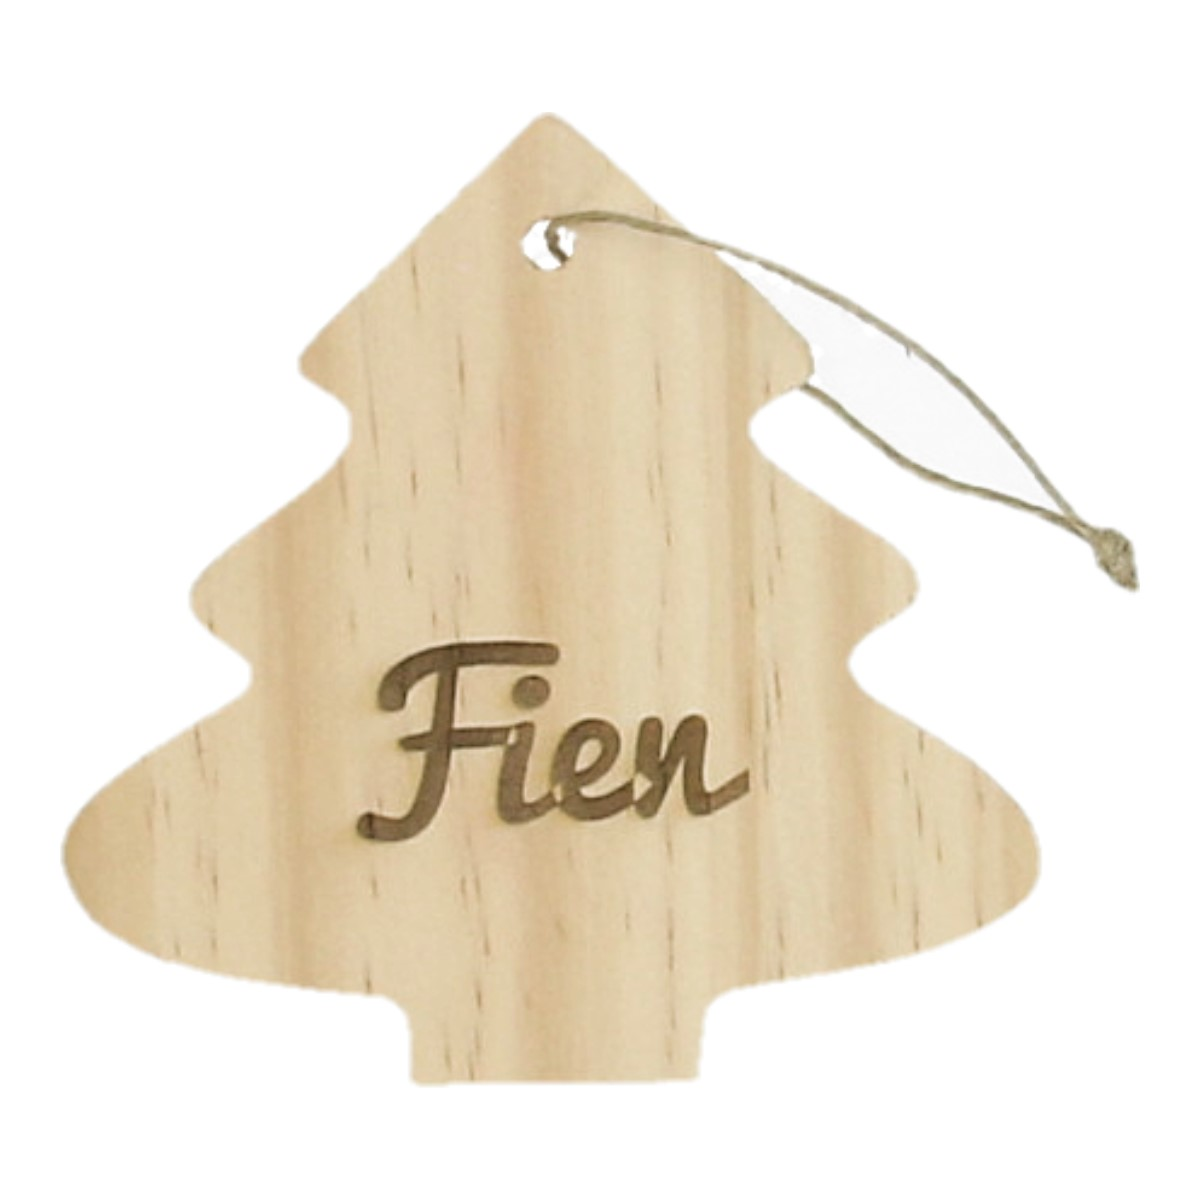 Kersthanger Gegraveerd Met Naam - Kerstboom